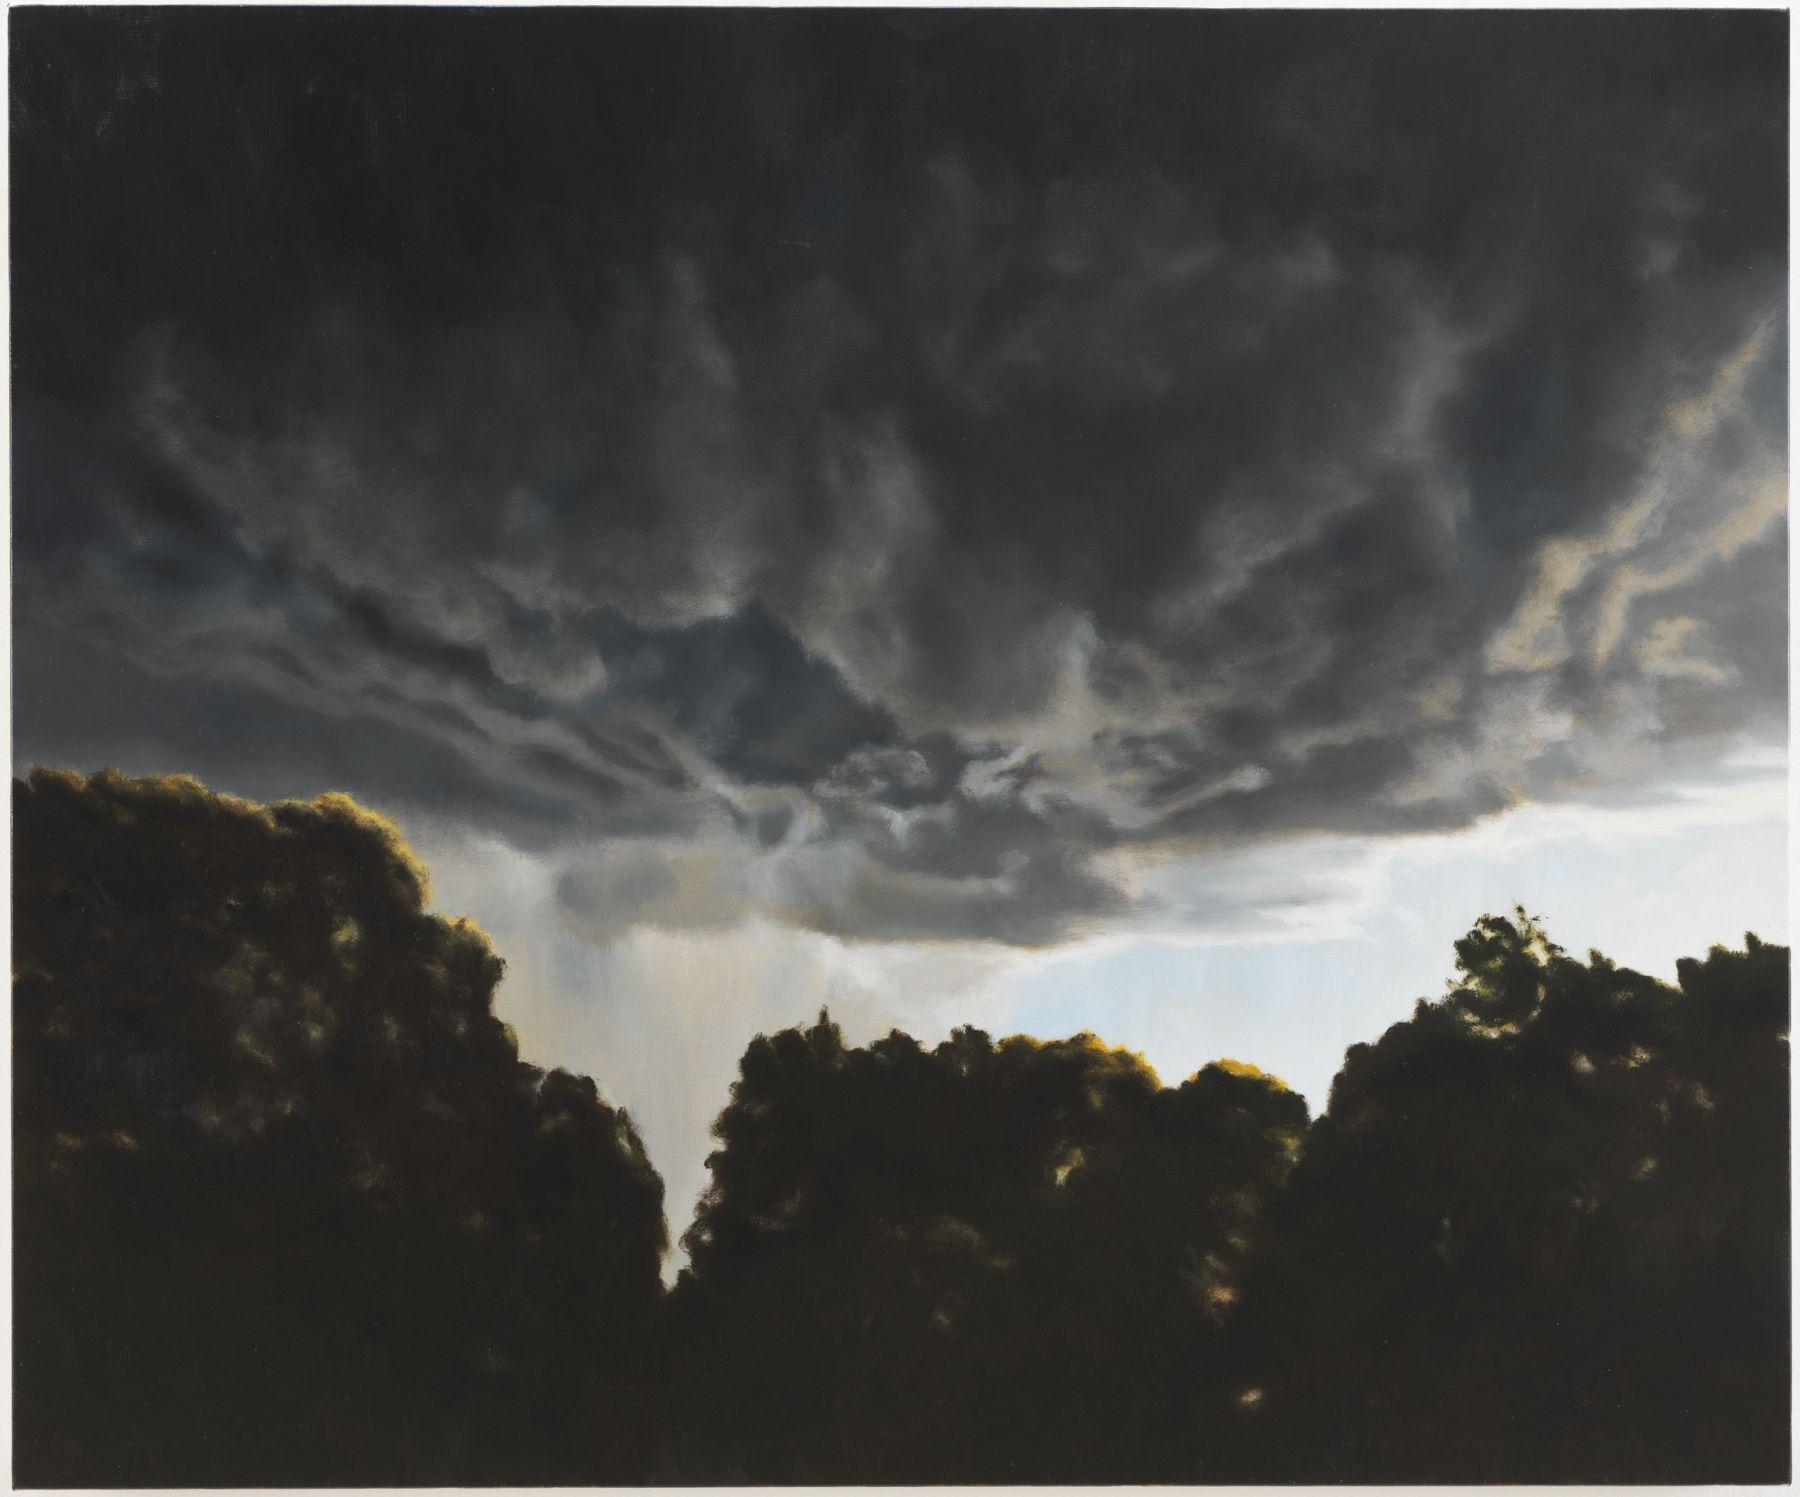 April Gornik, Lowering Sky, 2010